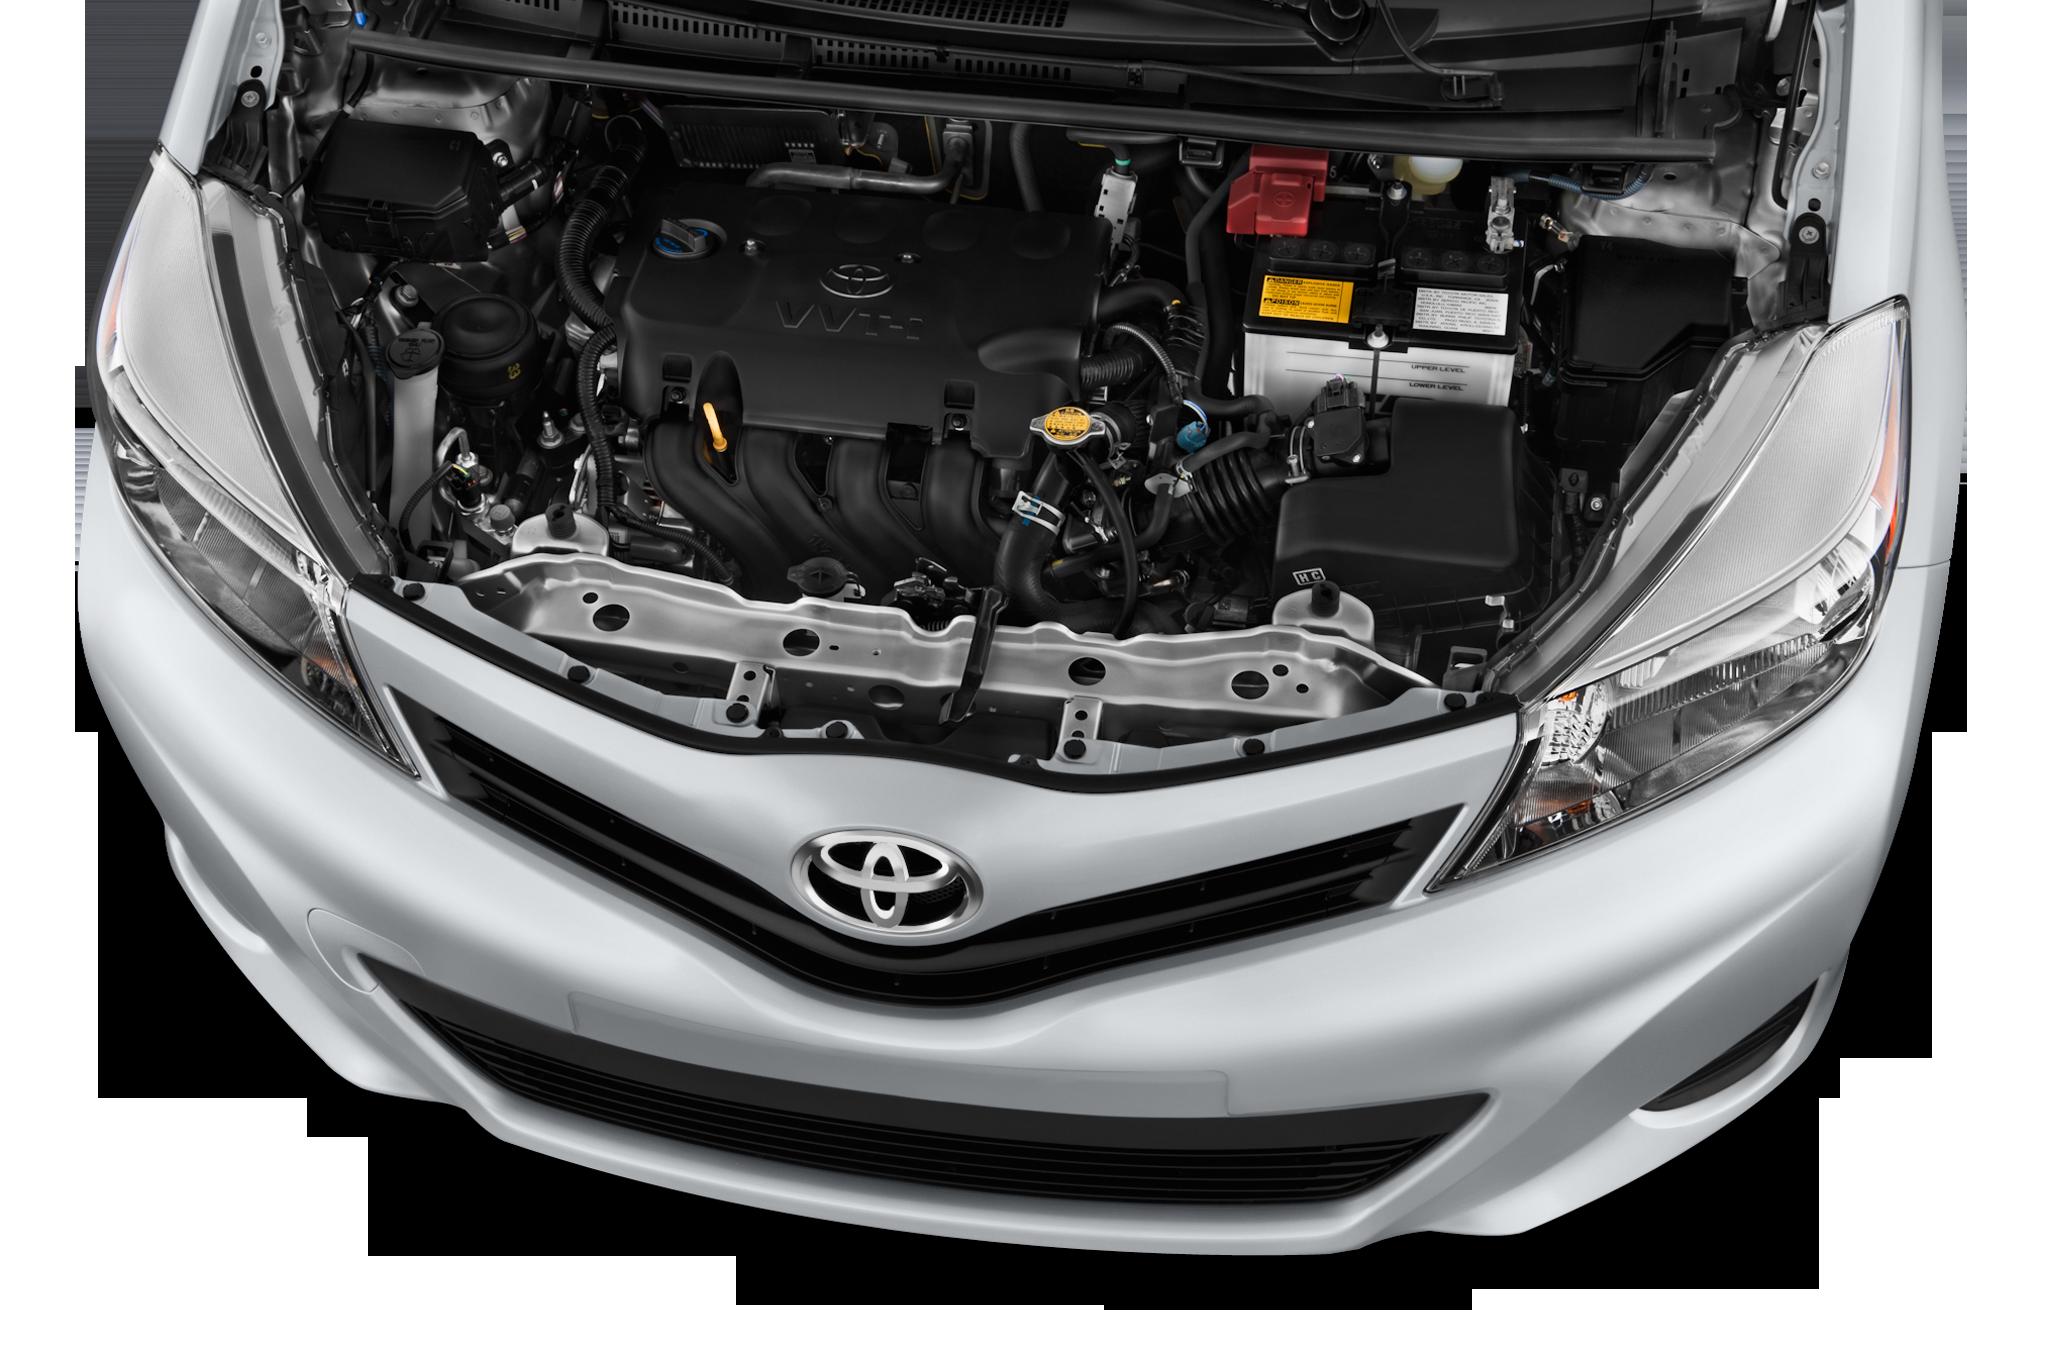 Toyota Shows Customized Tacomas Tundra And 2012 Camry